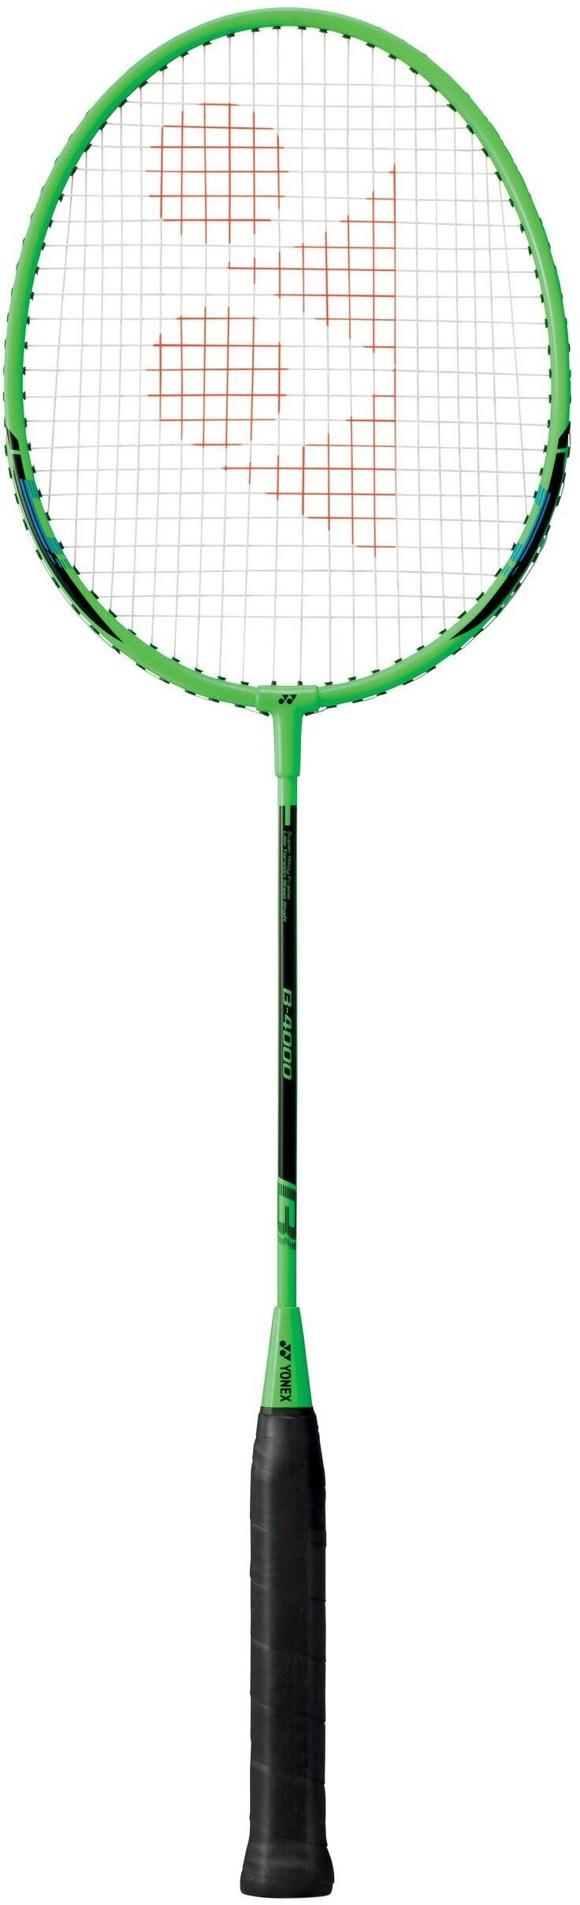 Yonex - B 4000 Badminton Racket